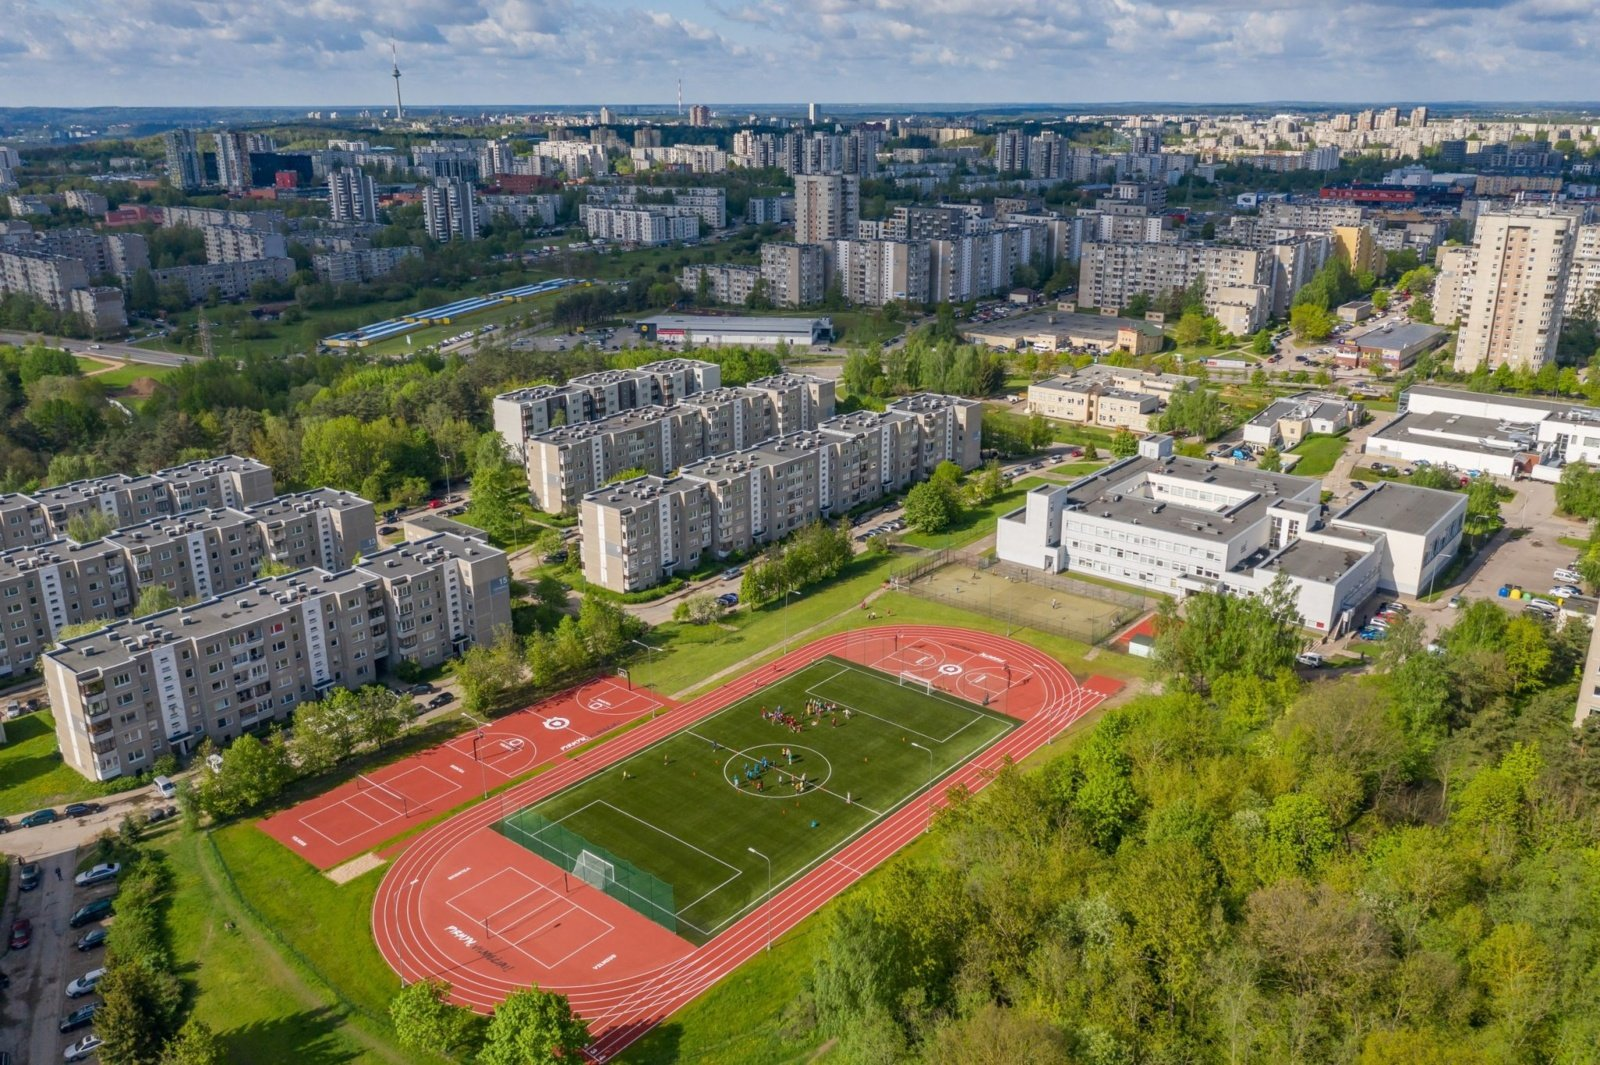 Sostinės Fabijoniškių mikrorajone atveriamas atnaujintas stadionas